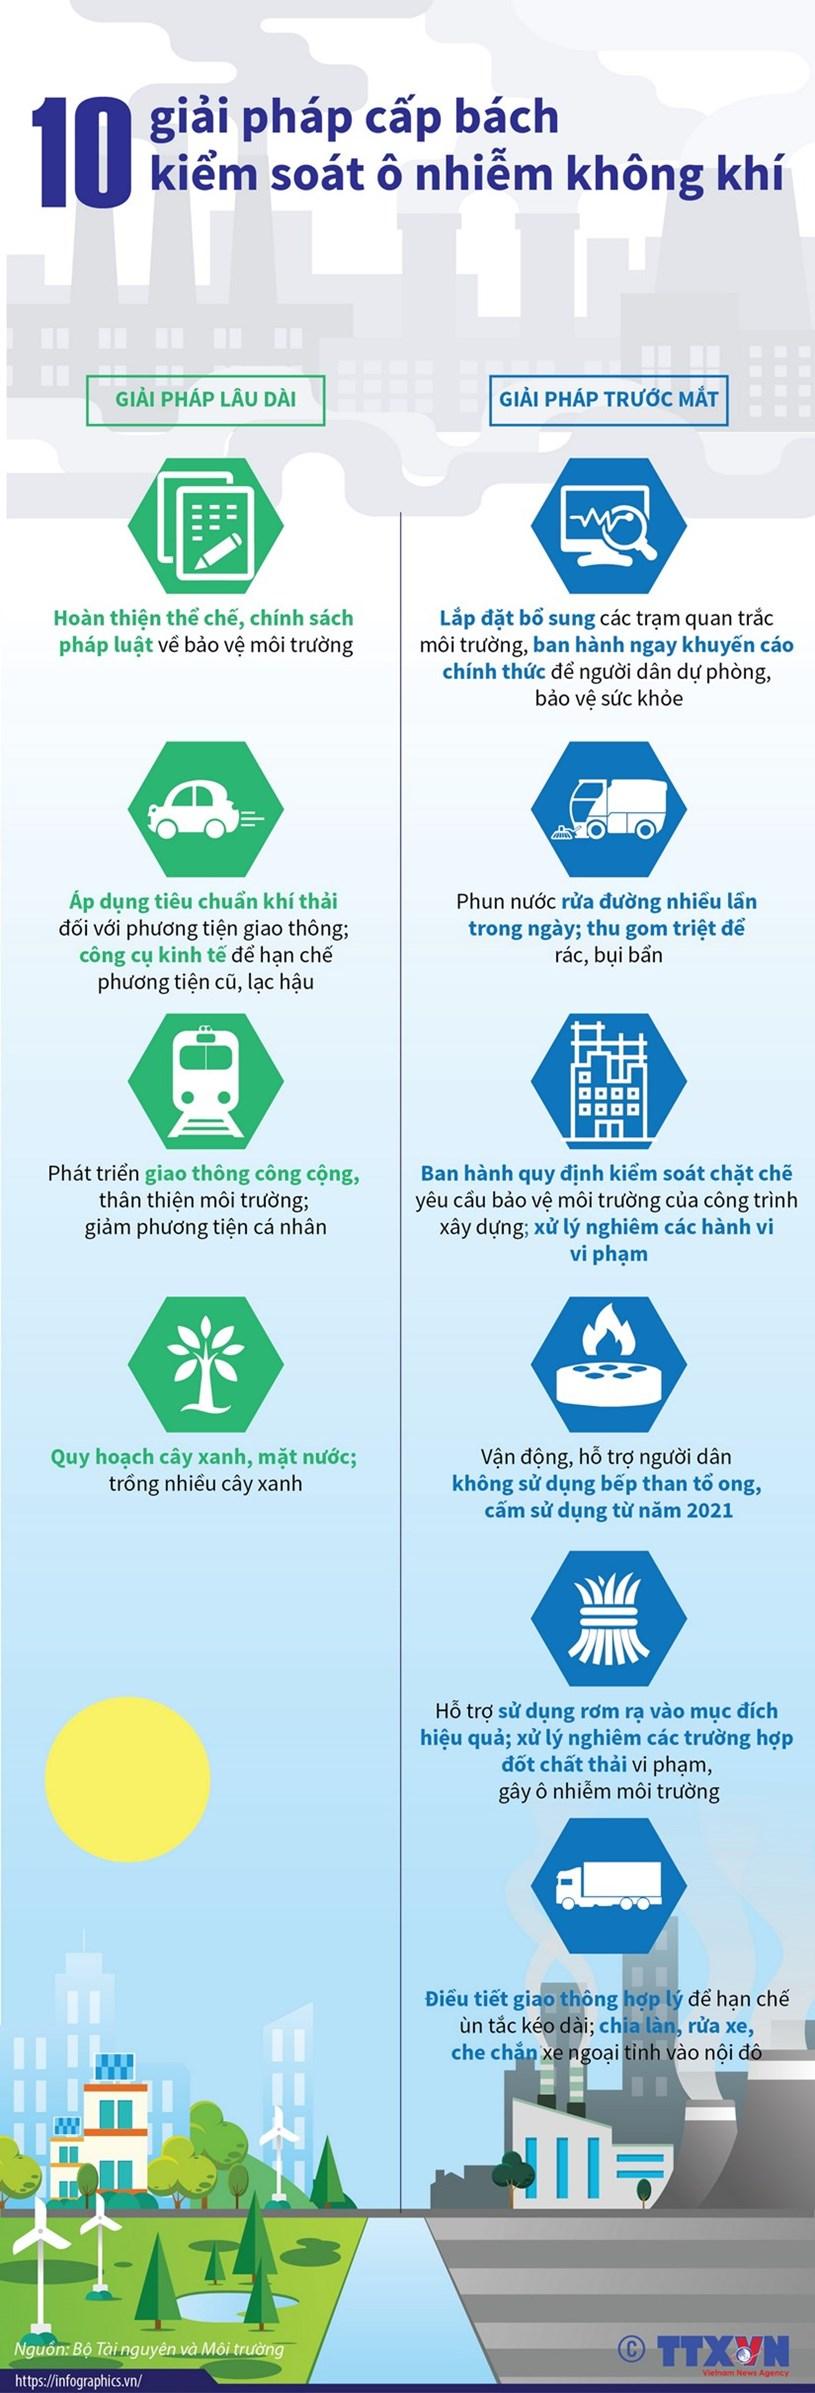 [Infographics] 10 giải pháp cấp bách kiểm soát ô nhiễm không khí - Ảnh 1